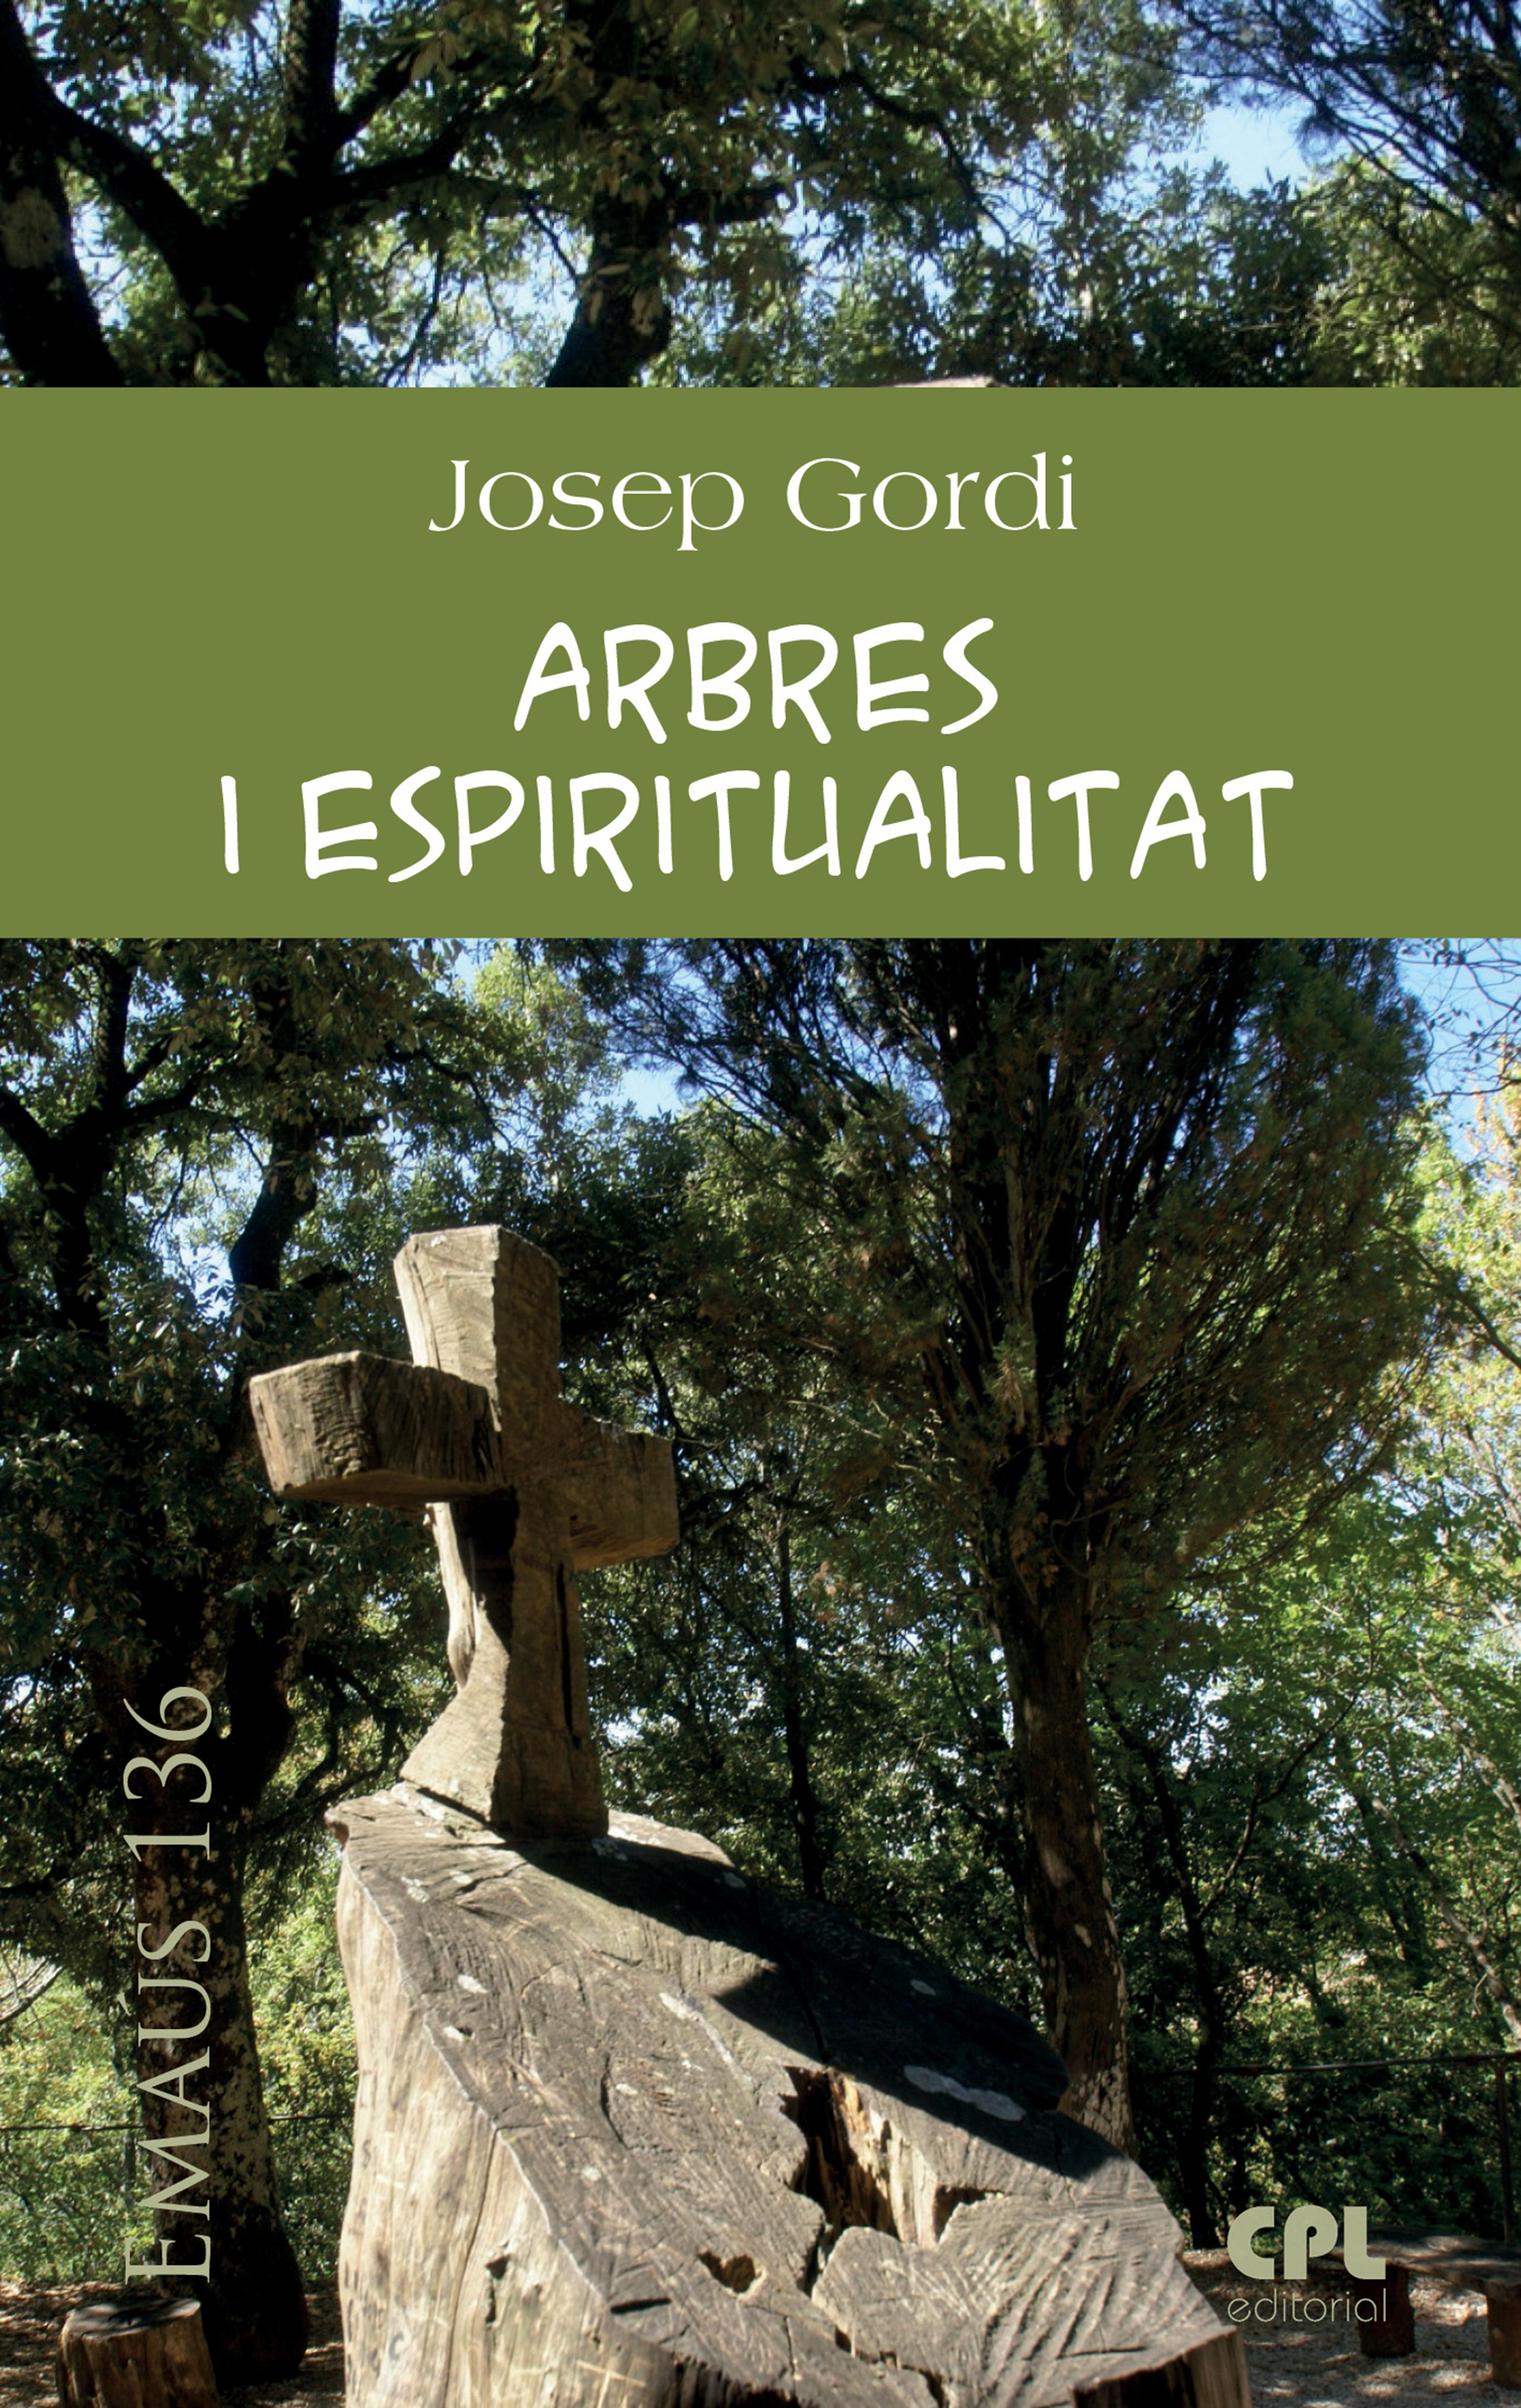 Josep Gordi Serrat Arbres i espiritualitat joan manuel serrat merida